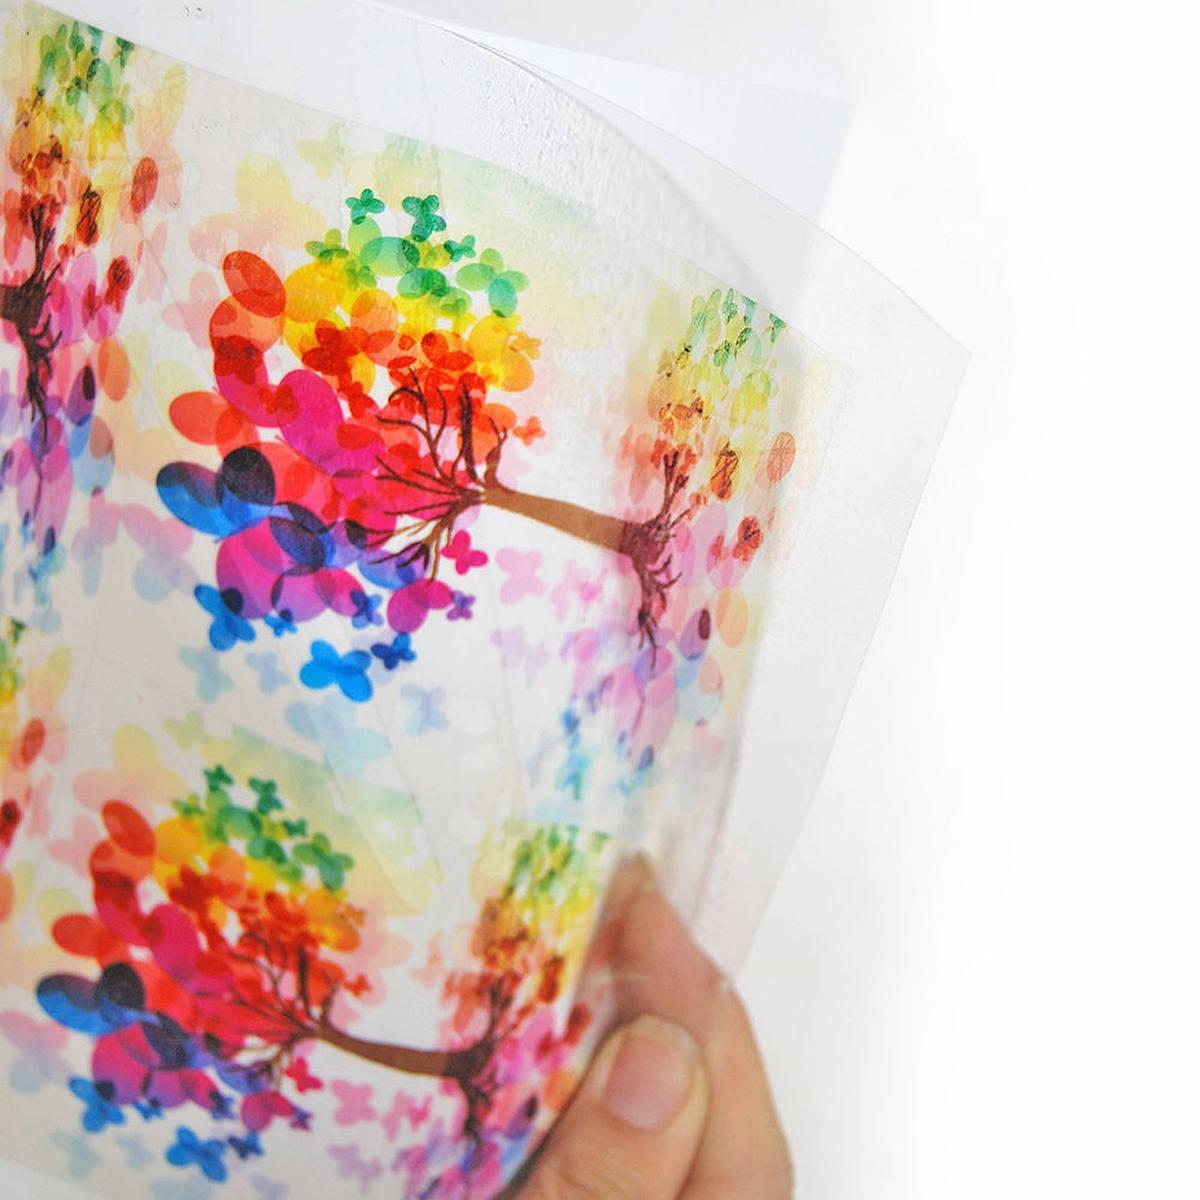 Vinil Adesivo Transparente 150g A4 210mmx297mm PVC Autoadesivo com Brilho / 10 folhas